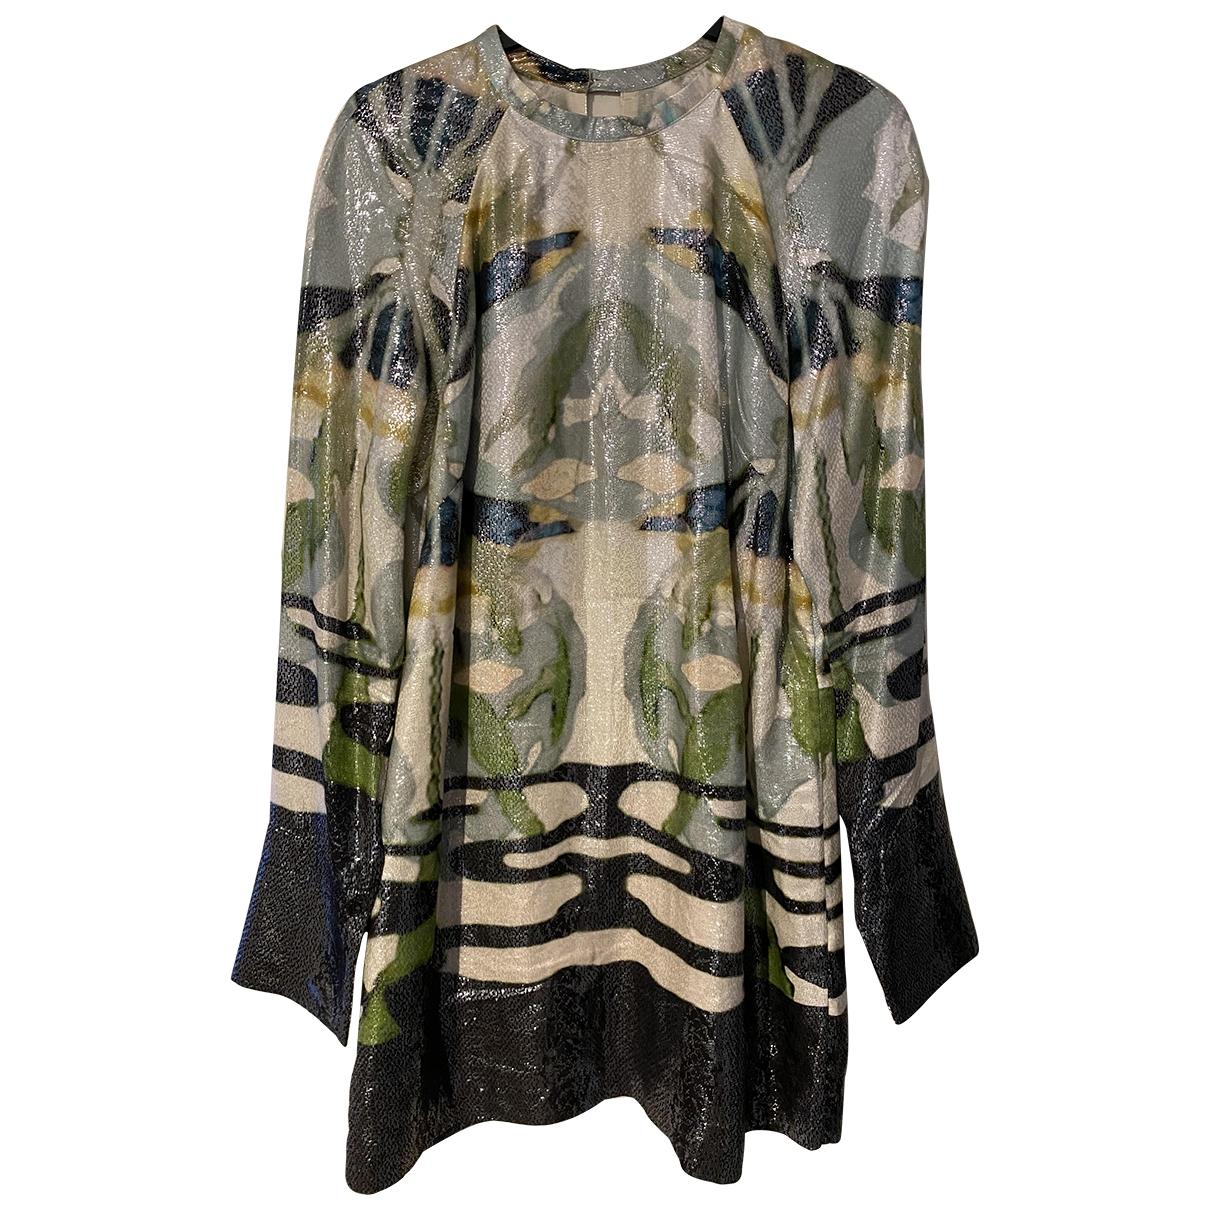 Hm Conscious Exclusive - Robe   pour femme en a paillettes - multicolore